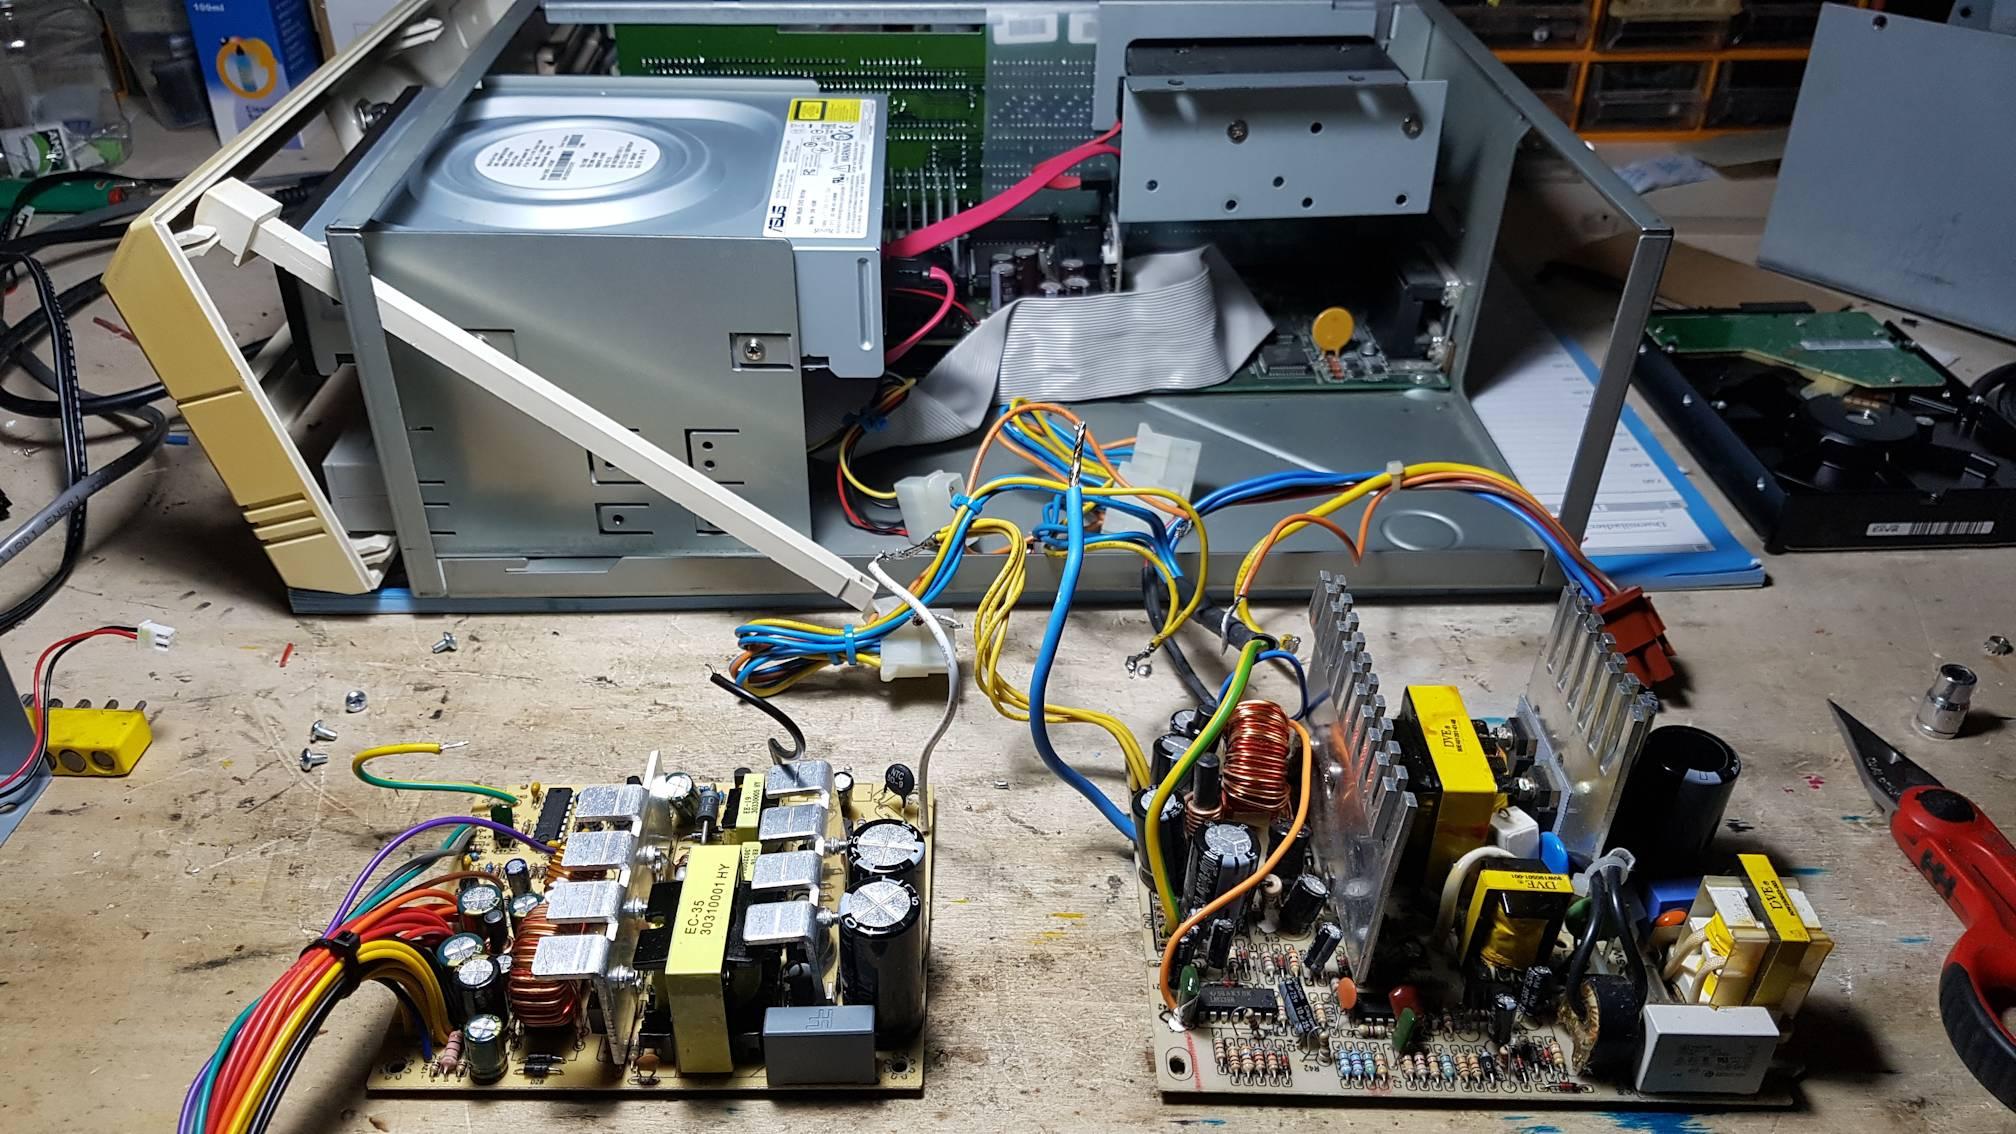 A sinistra la nuova elettronica, a destra la vecchia AT